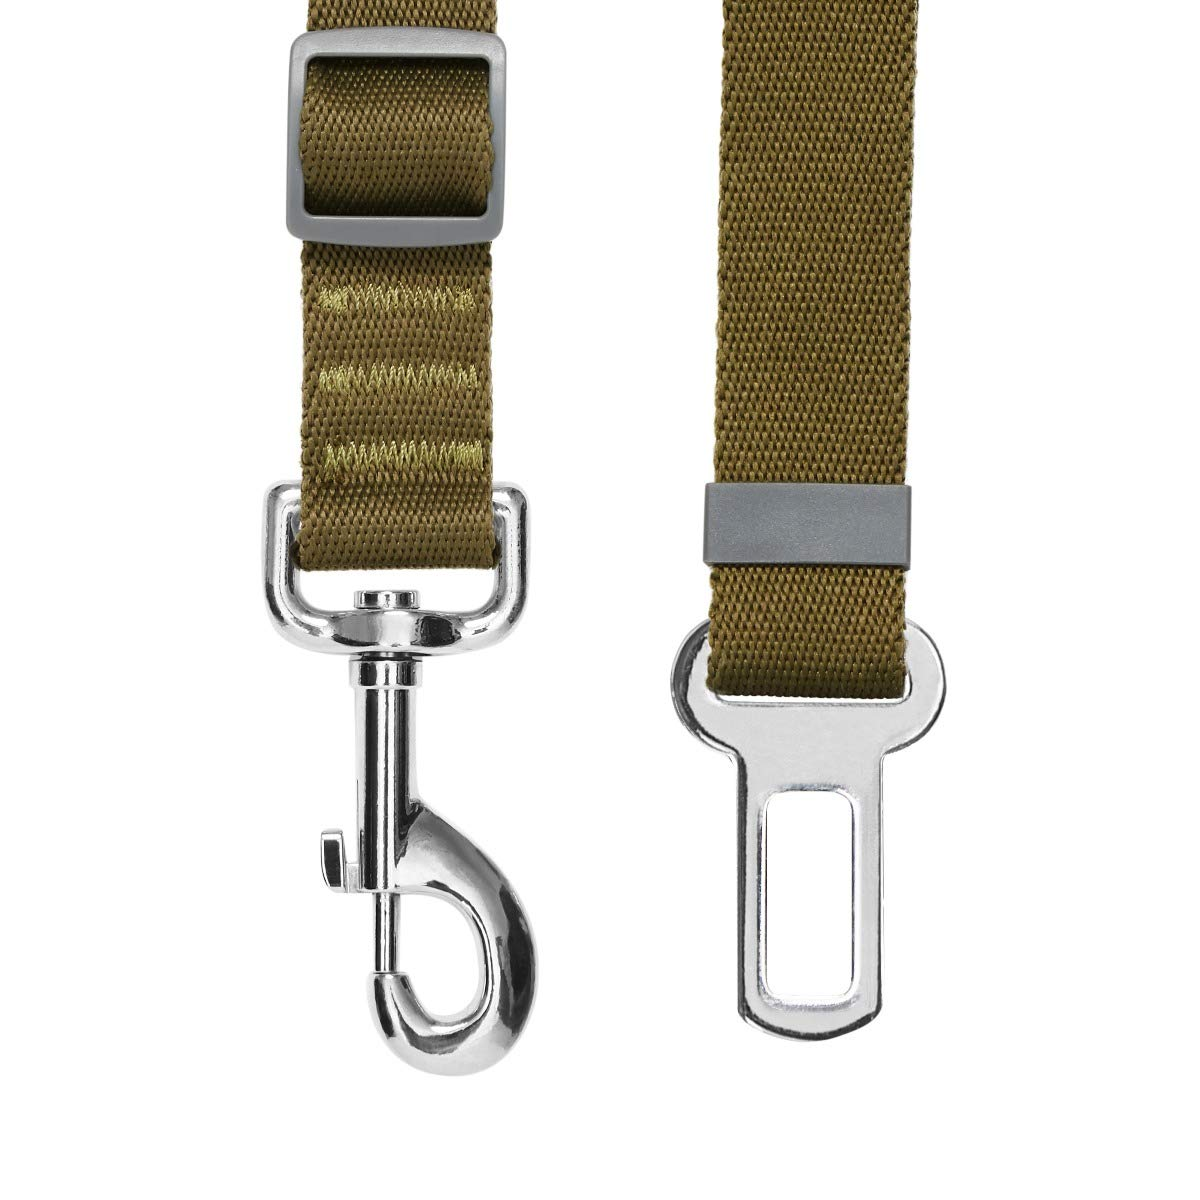 Essential Laisse de s/écurit/é r/églable Robuste pour Chien pour Voiture et /à Utiliser avec Un Harnais Olive UMI